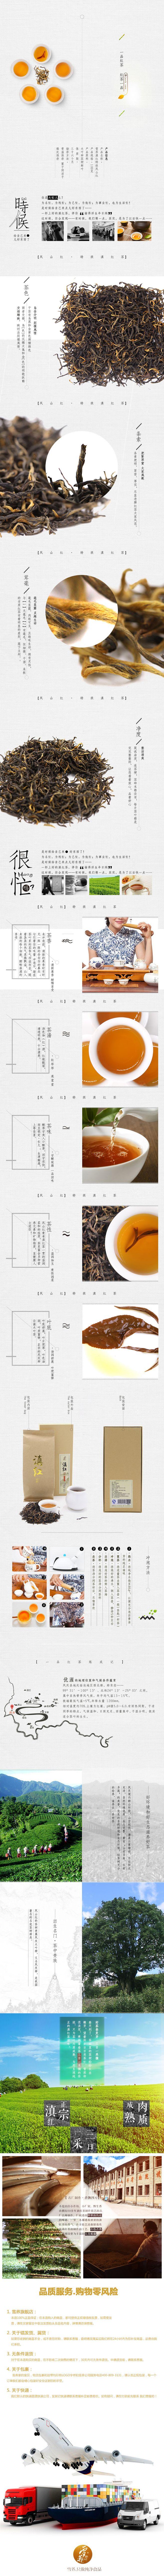 原创作品:滇红茶-天猫详情页-简洁-迈阿...